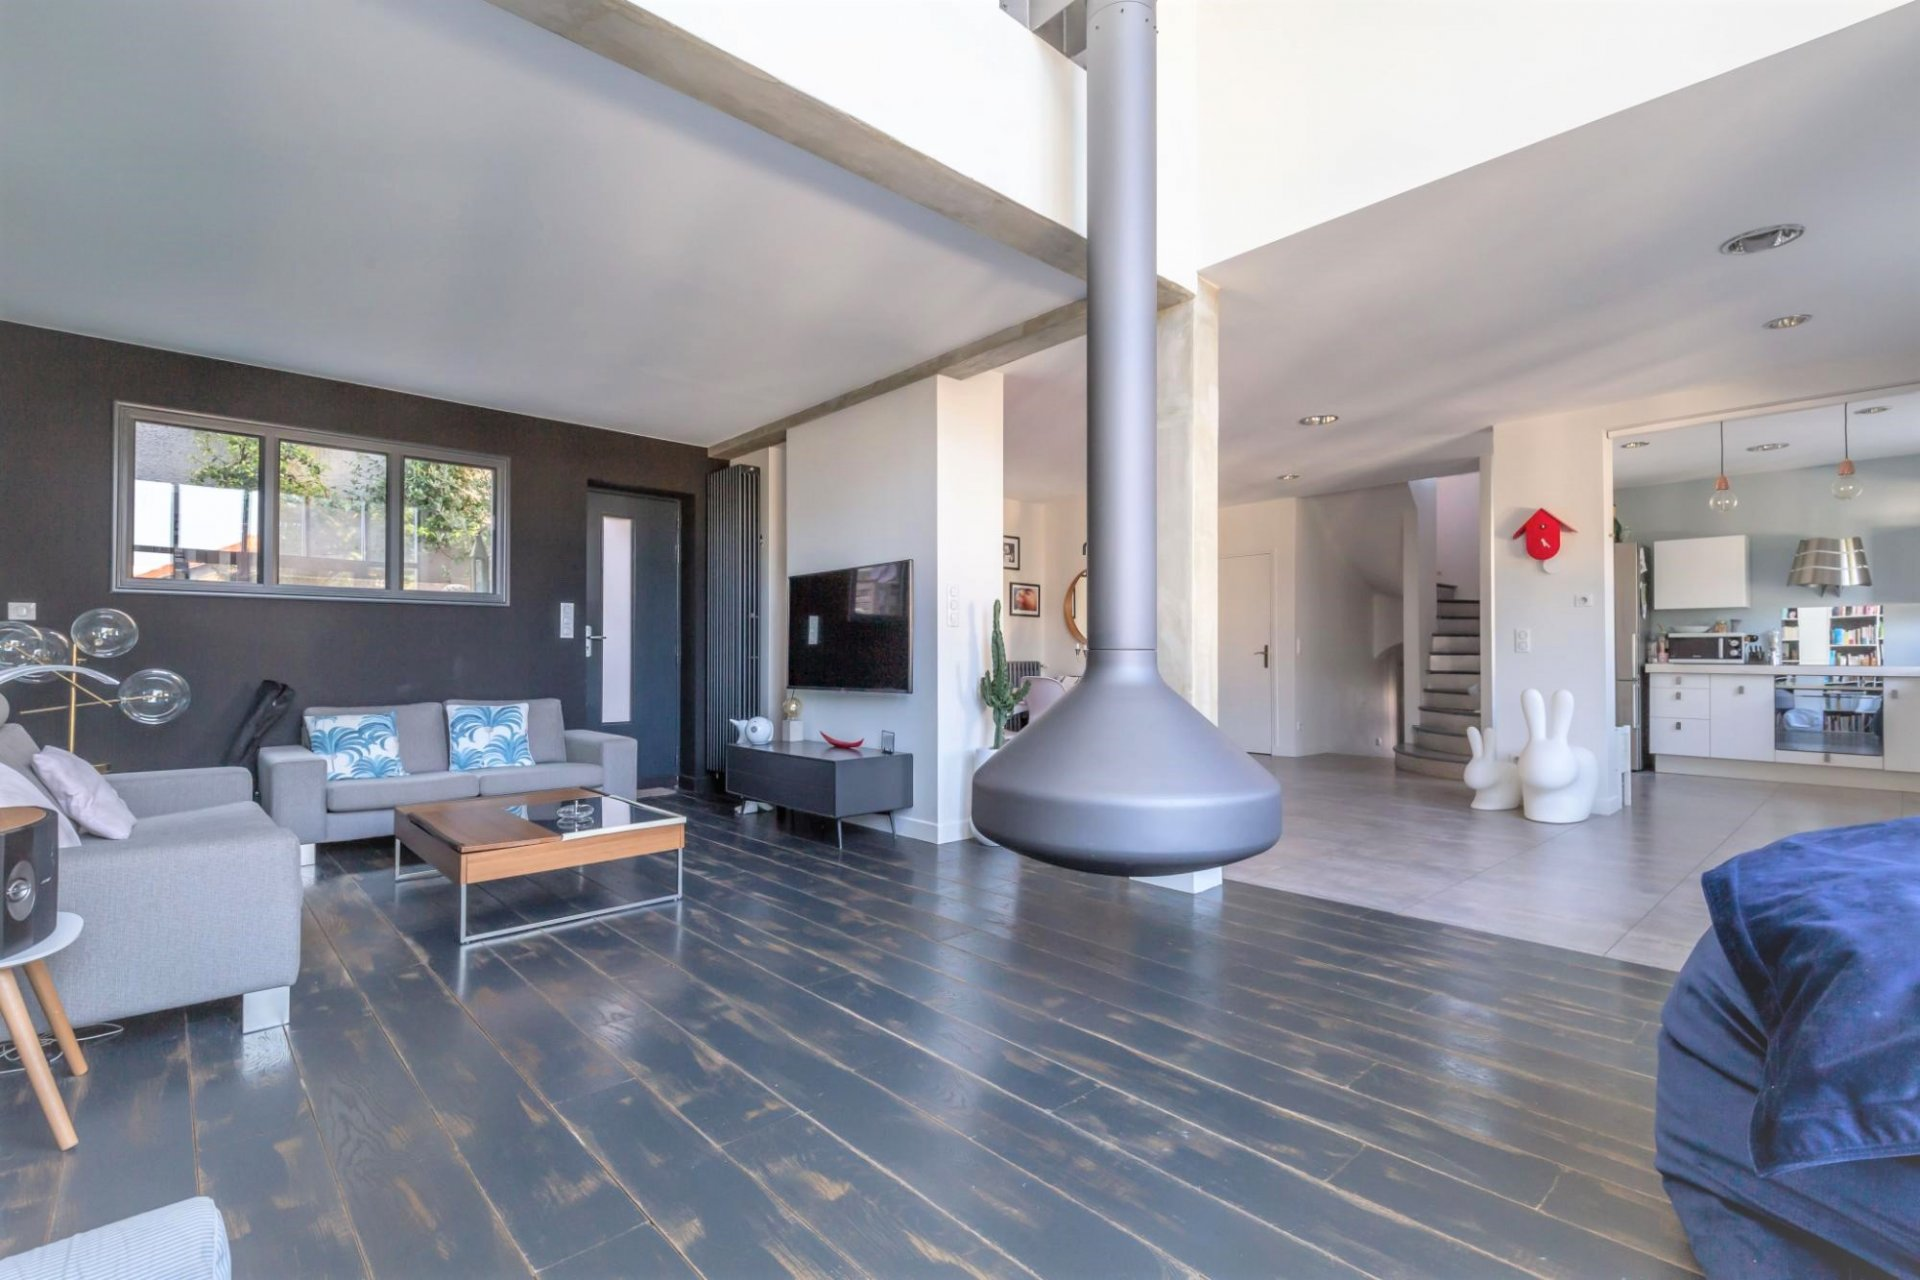 Maison d'architecte 5 pièces de 170 m² sur 400 m² de terrain